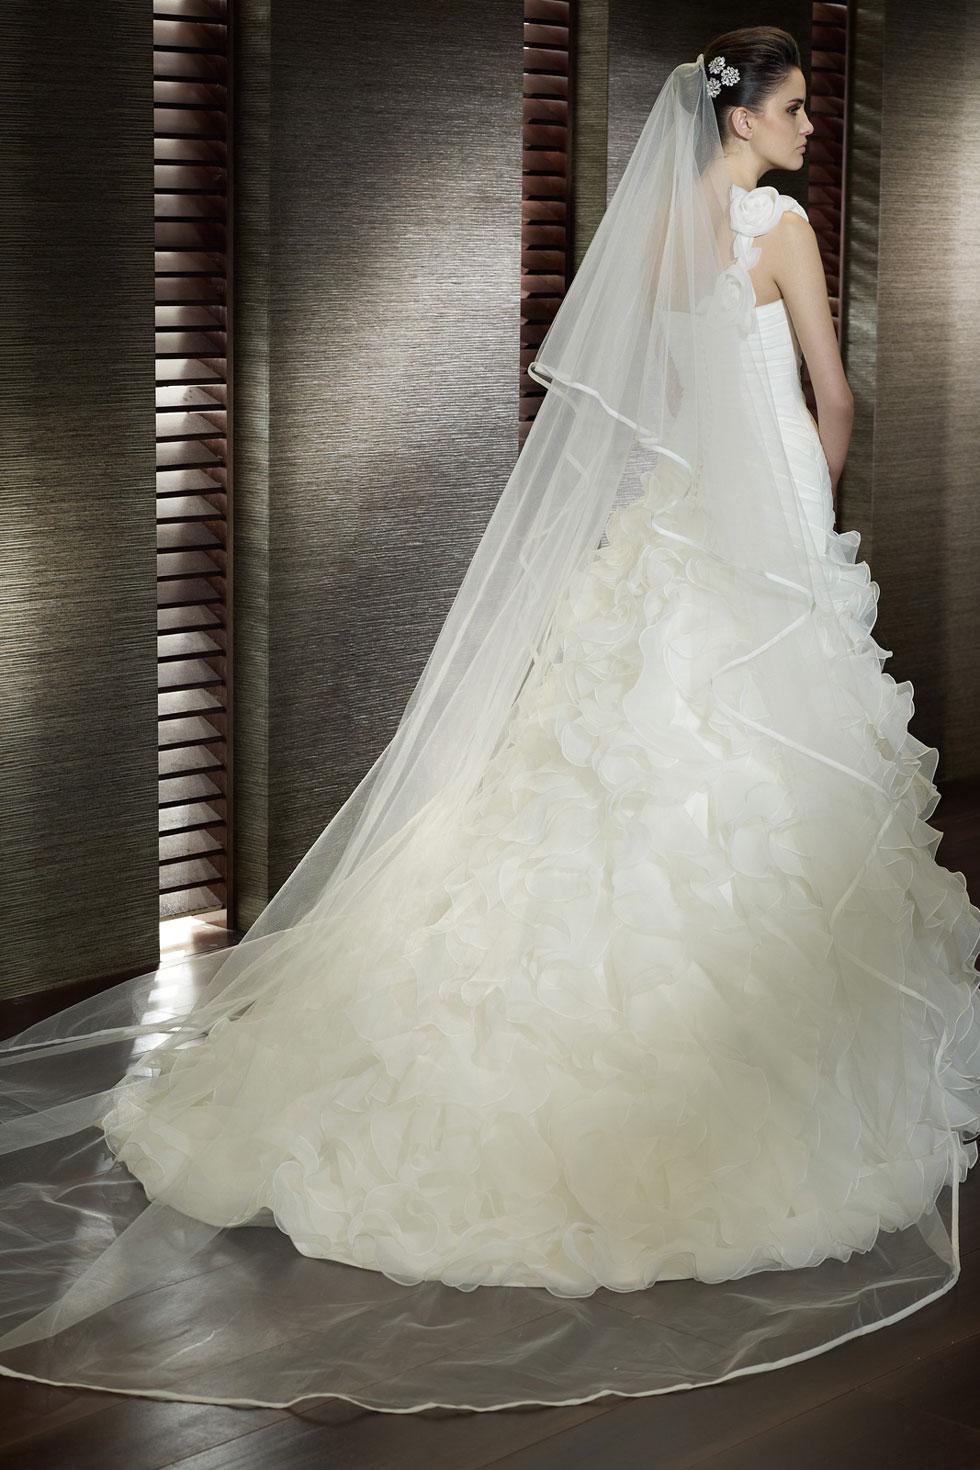 G nstig t ll ivory kathedrale l nge brautschleier online for Brautschleier ivory einlagig